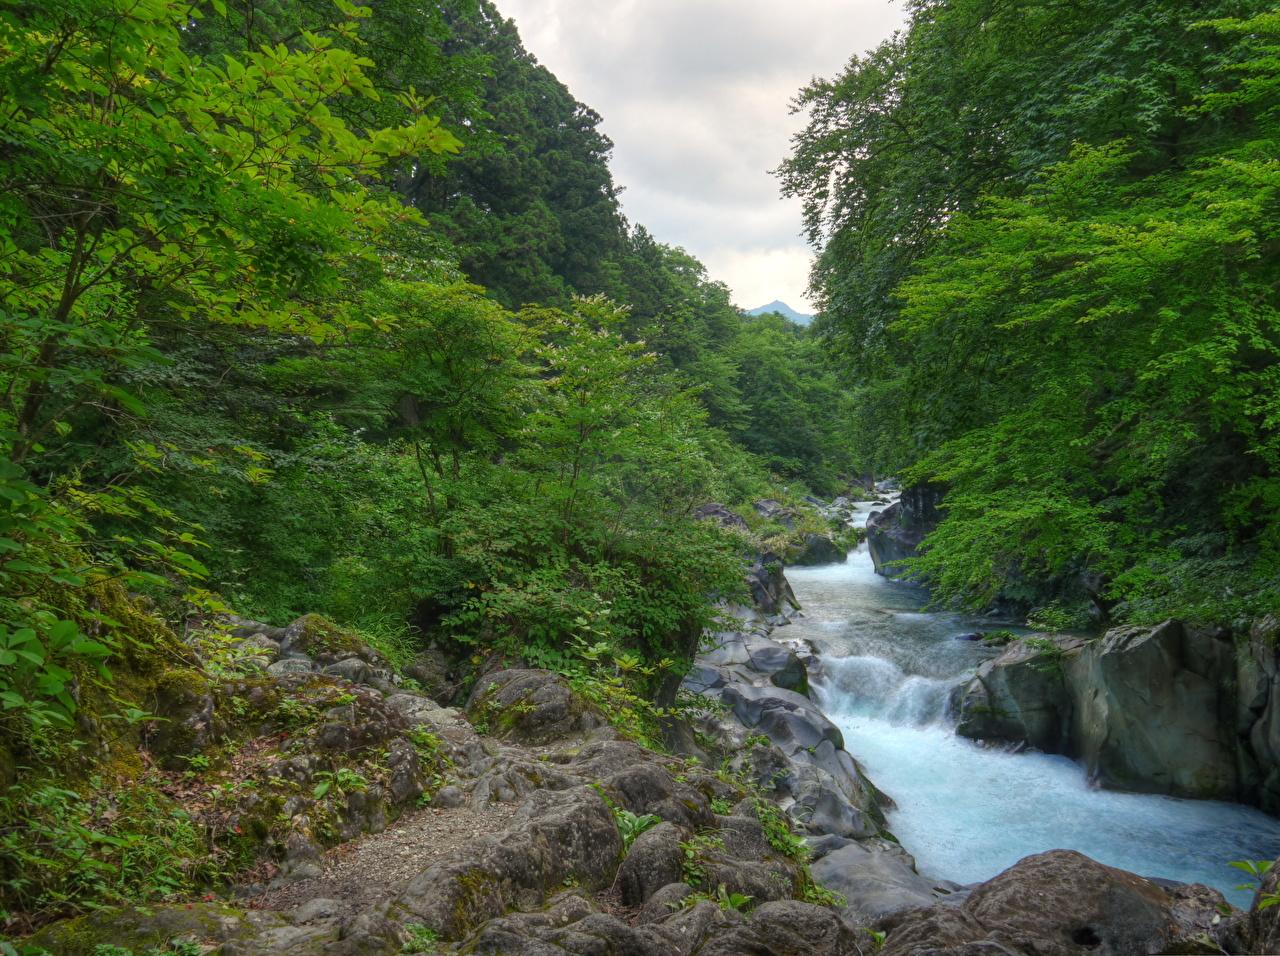 Картинка Япония Nikko  Природа лес Реки Леса река речка